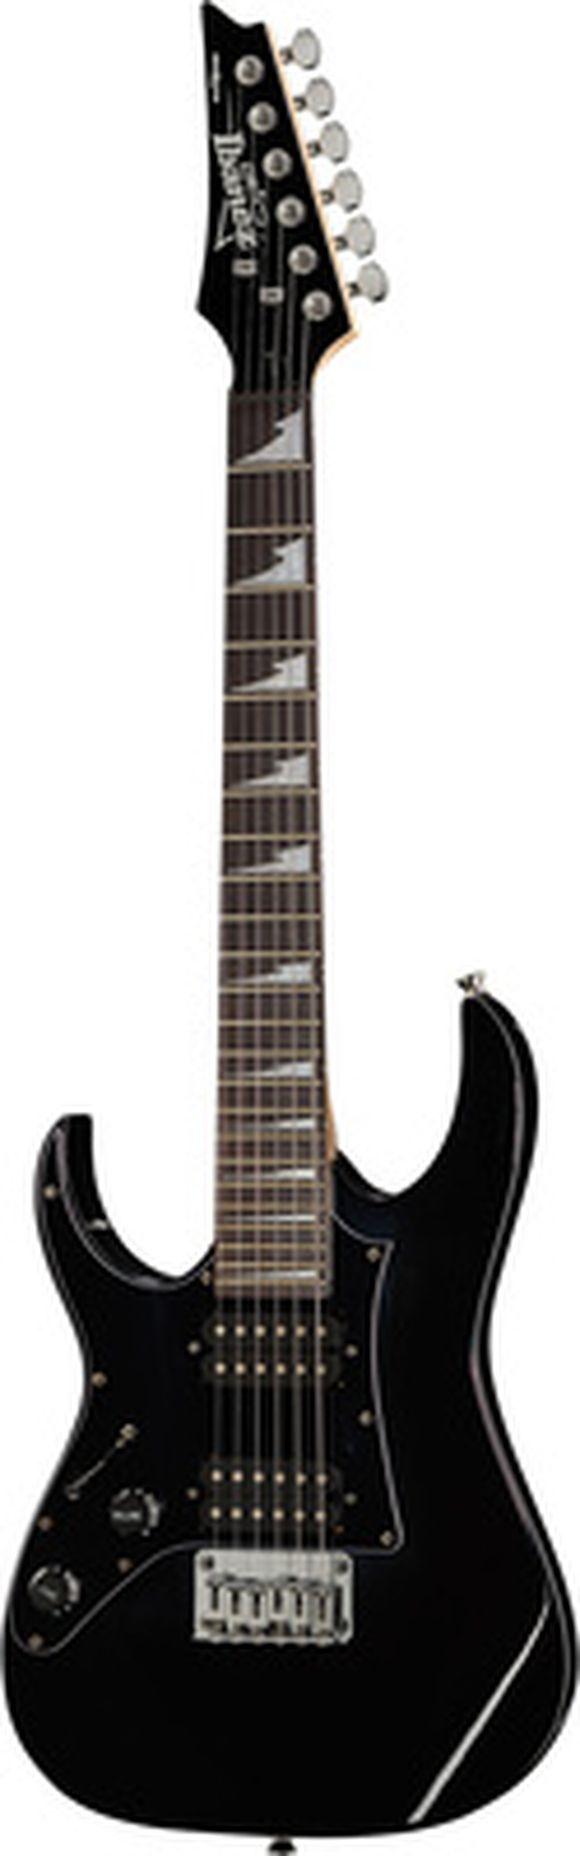 GRGM21L-BKN E-Guitar Mic Ibanez